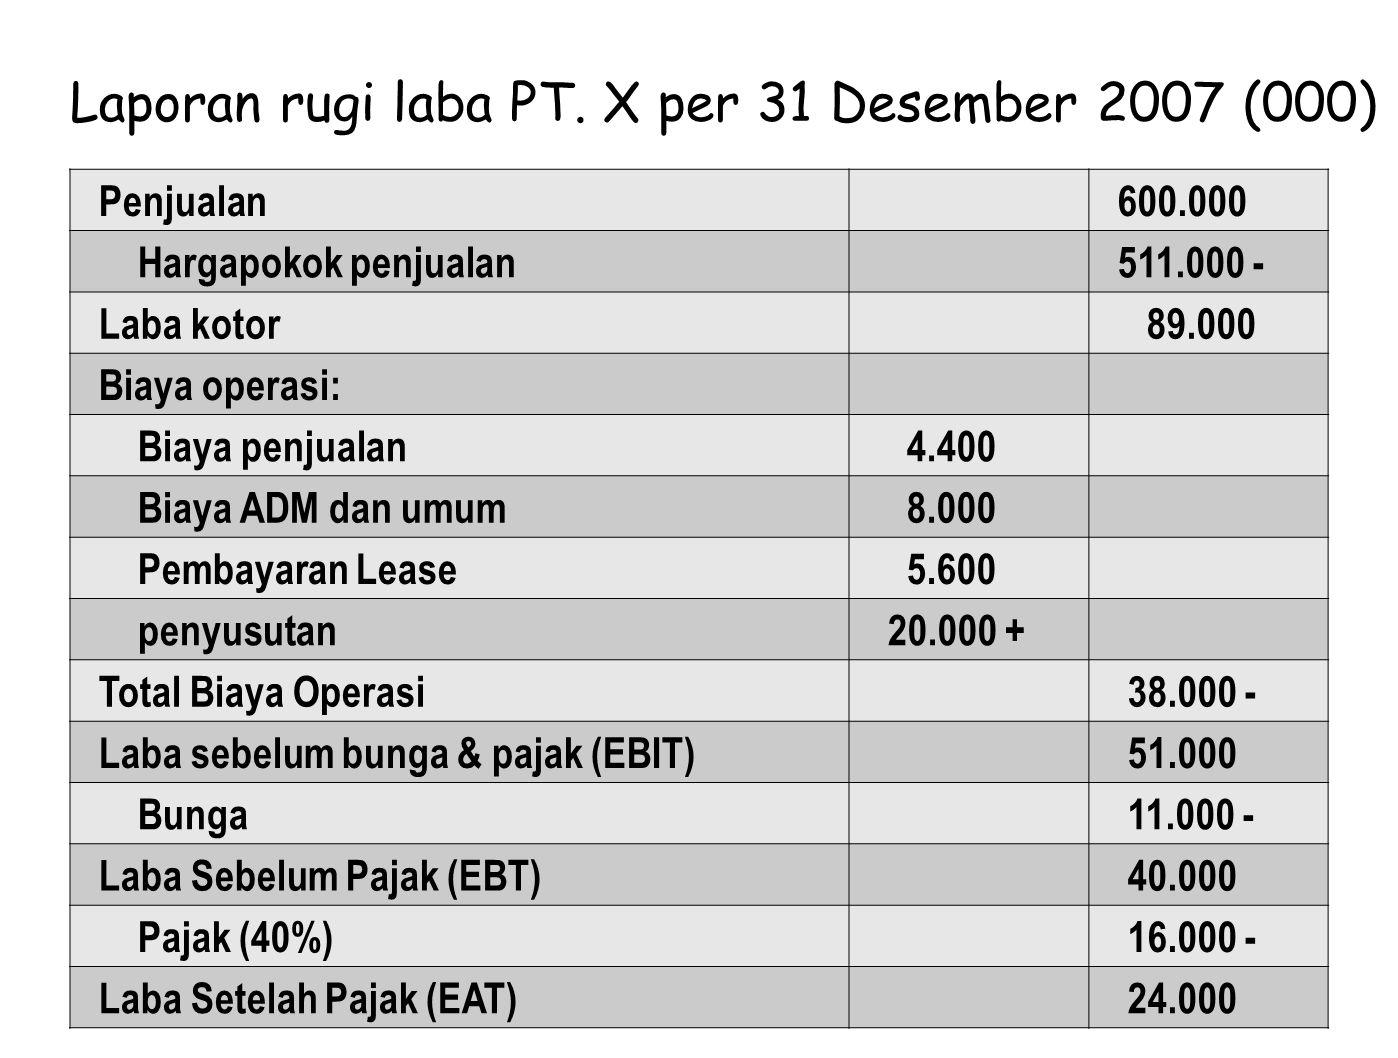 Laporan rugi laba PT. X per 31 Desember 2007 (000)